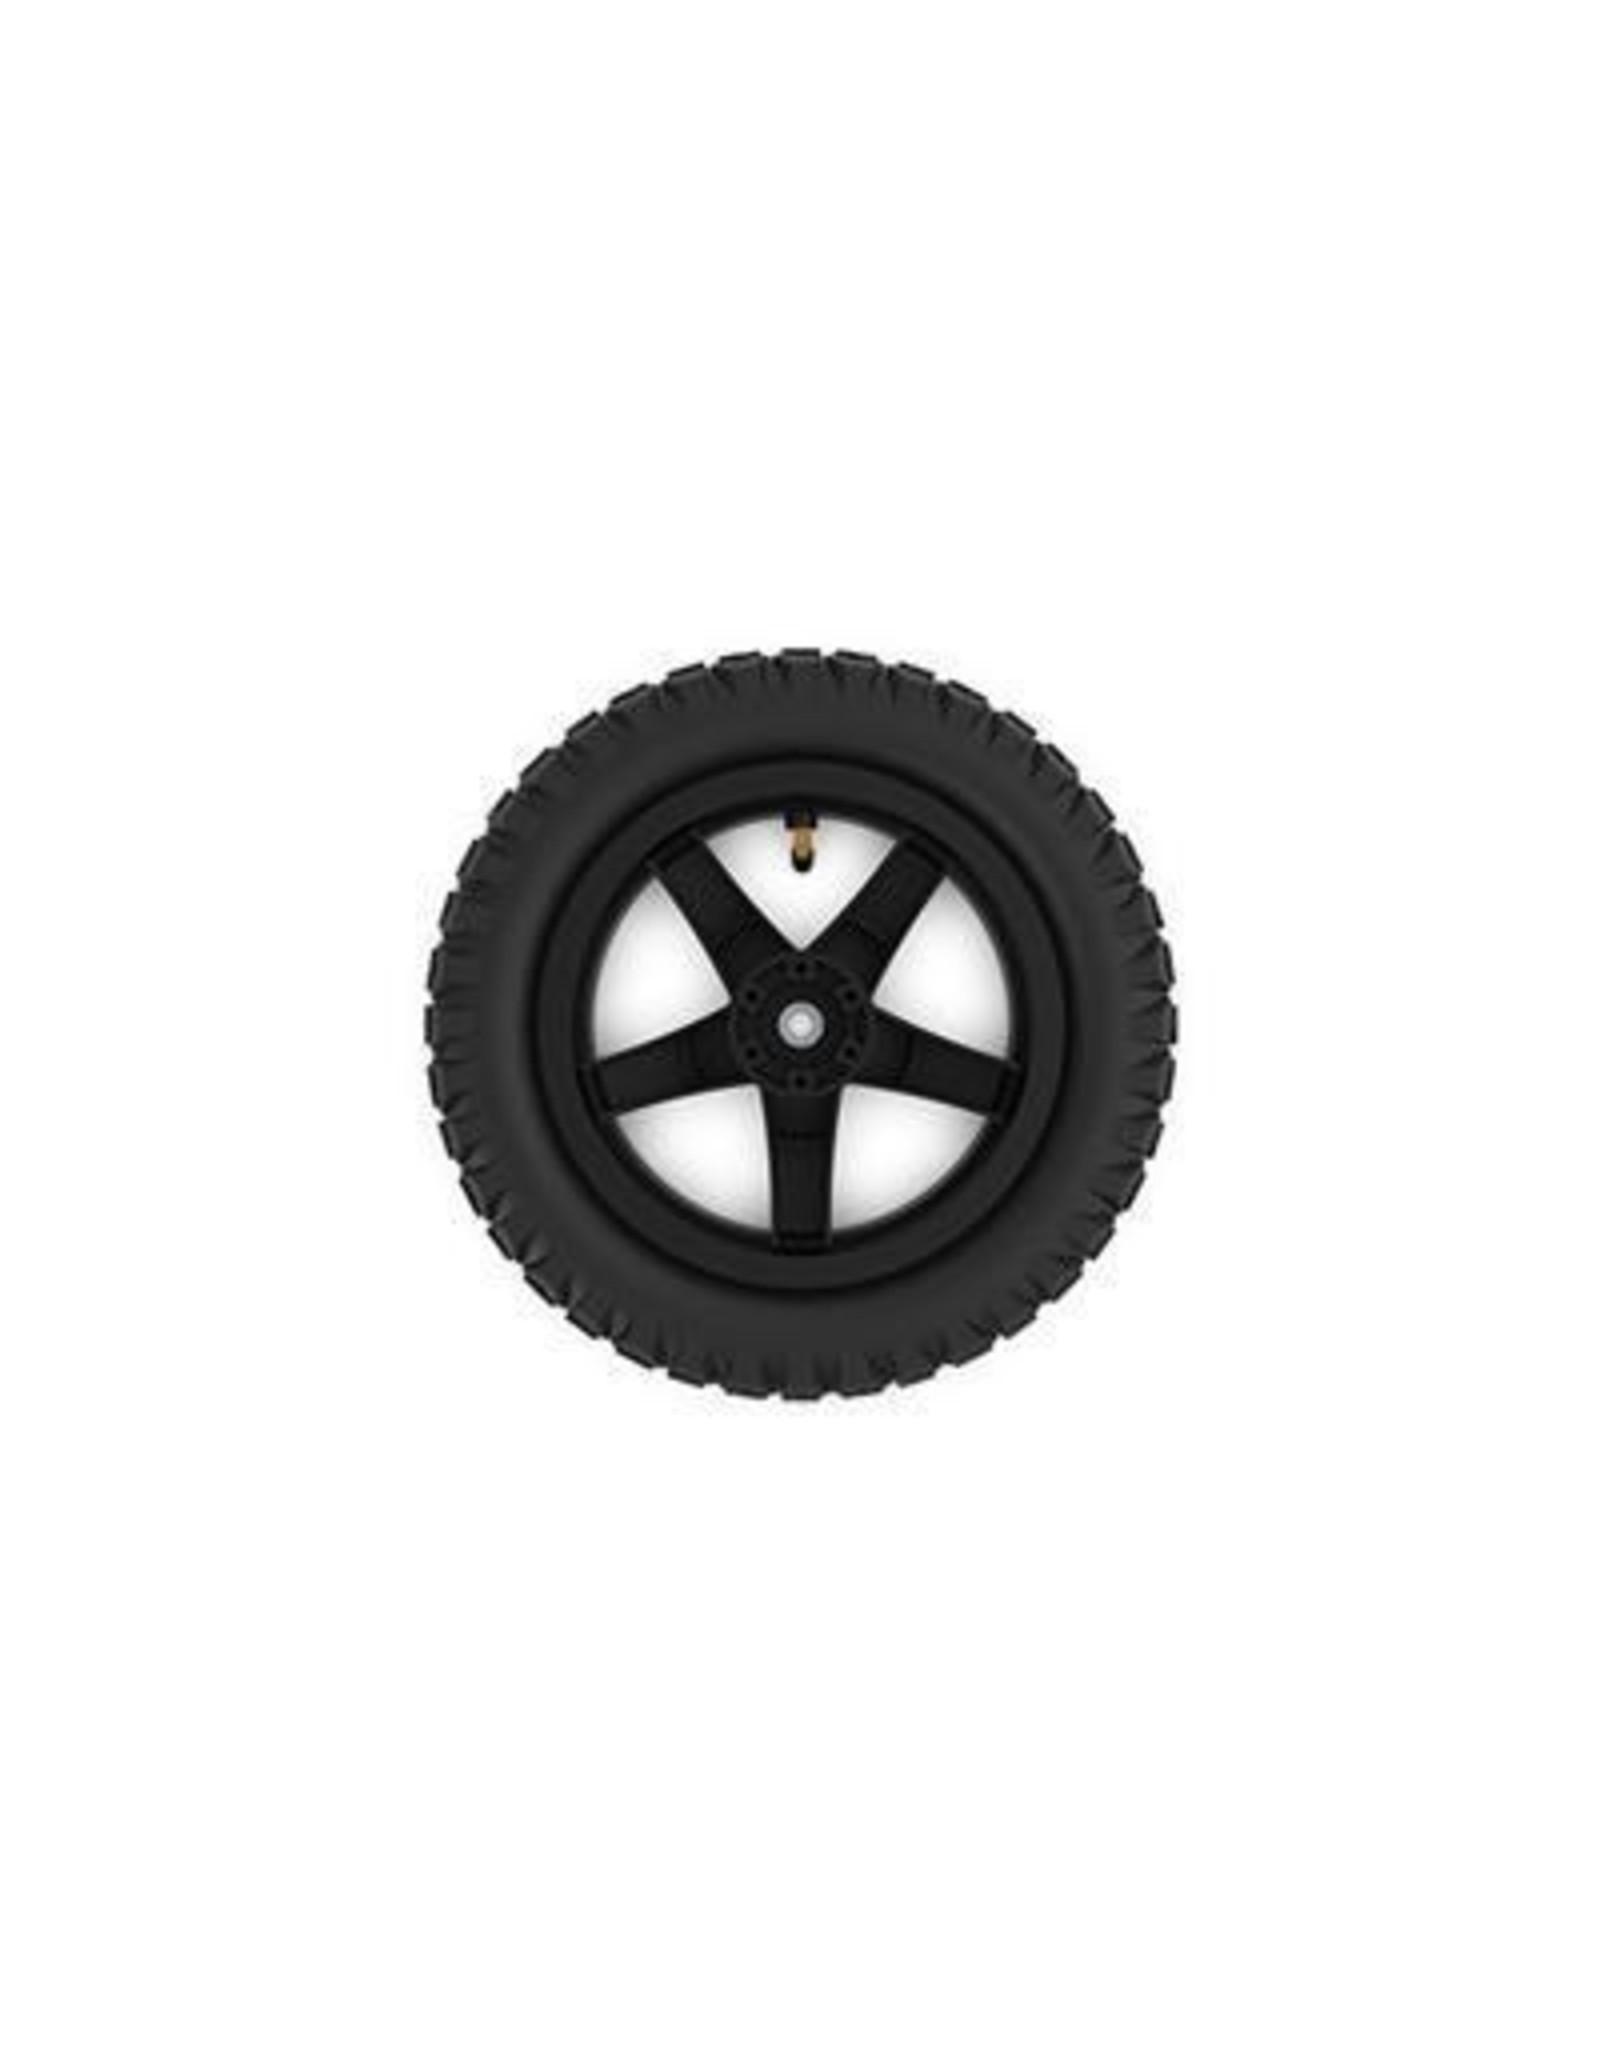 BERG BERG Buddy wiel 12,5X8 zwart cross -aandrijf